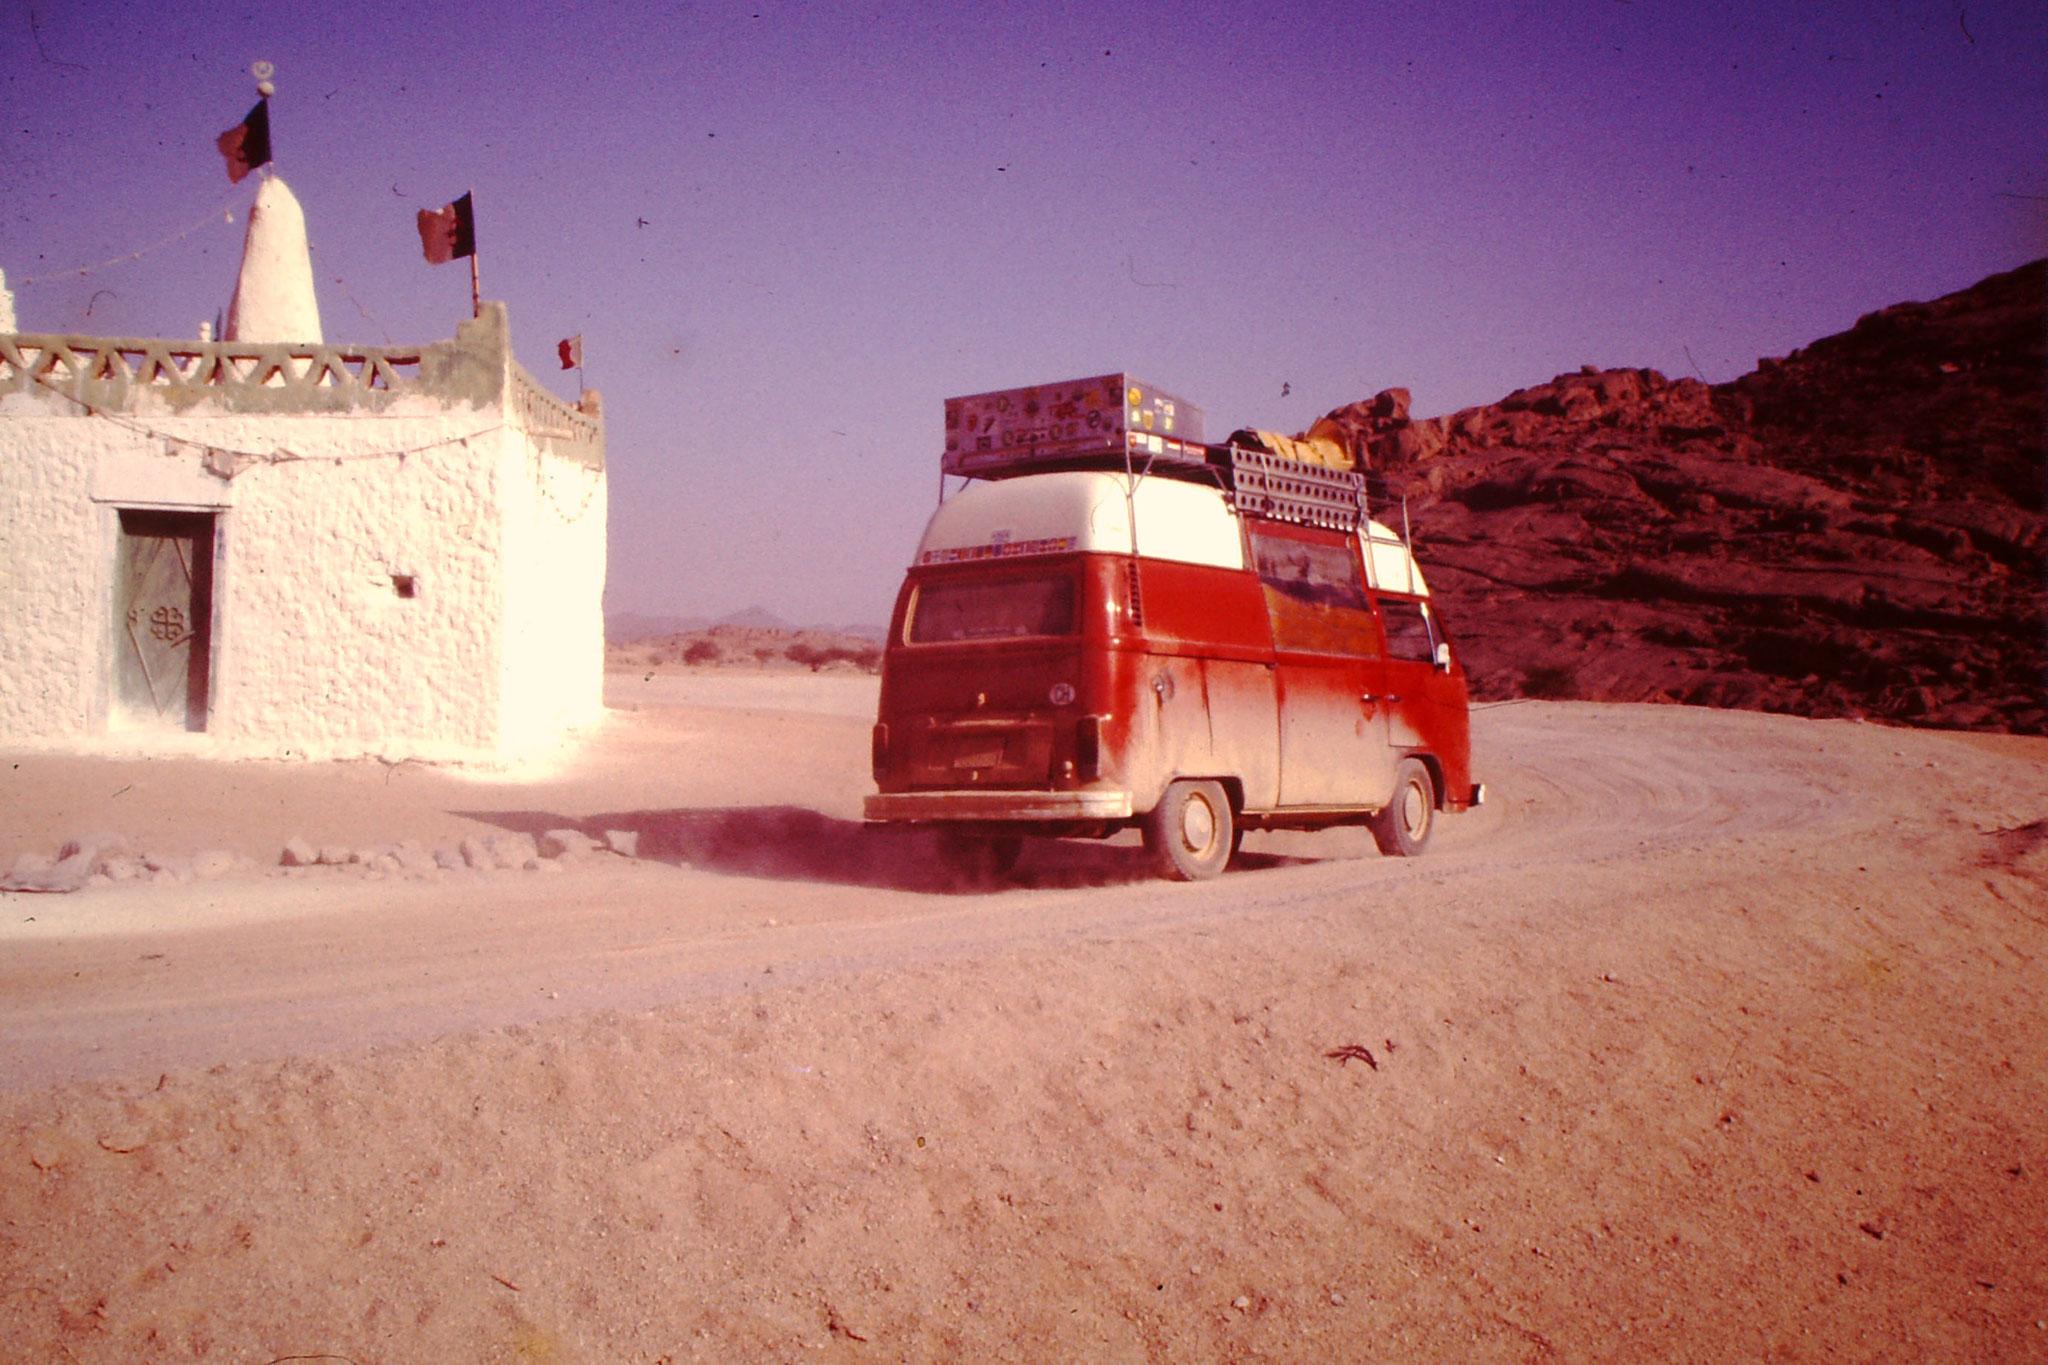 Beim Grab Hassan Moulay musste man 3 mal um das Grab fahren, damit man für den Rest der Sahara Glück hatte. Auch grosse Lastwagen und Sattelschlepper hielten sich daran. Seit die Teerstrasse weit östlich davon vorbeiführt, geht diese Tradition langsam